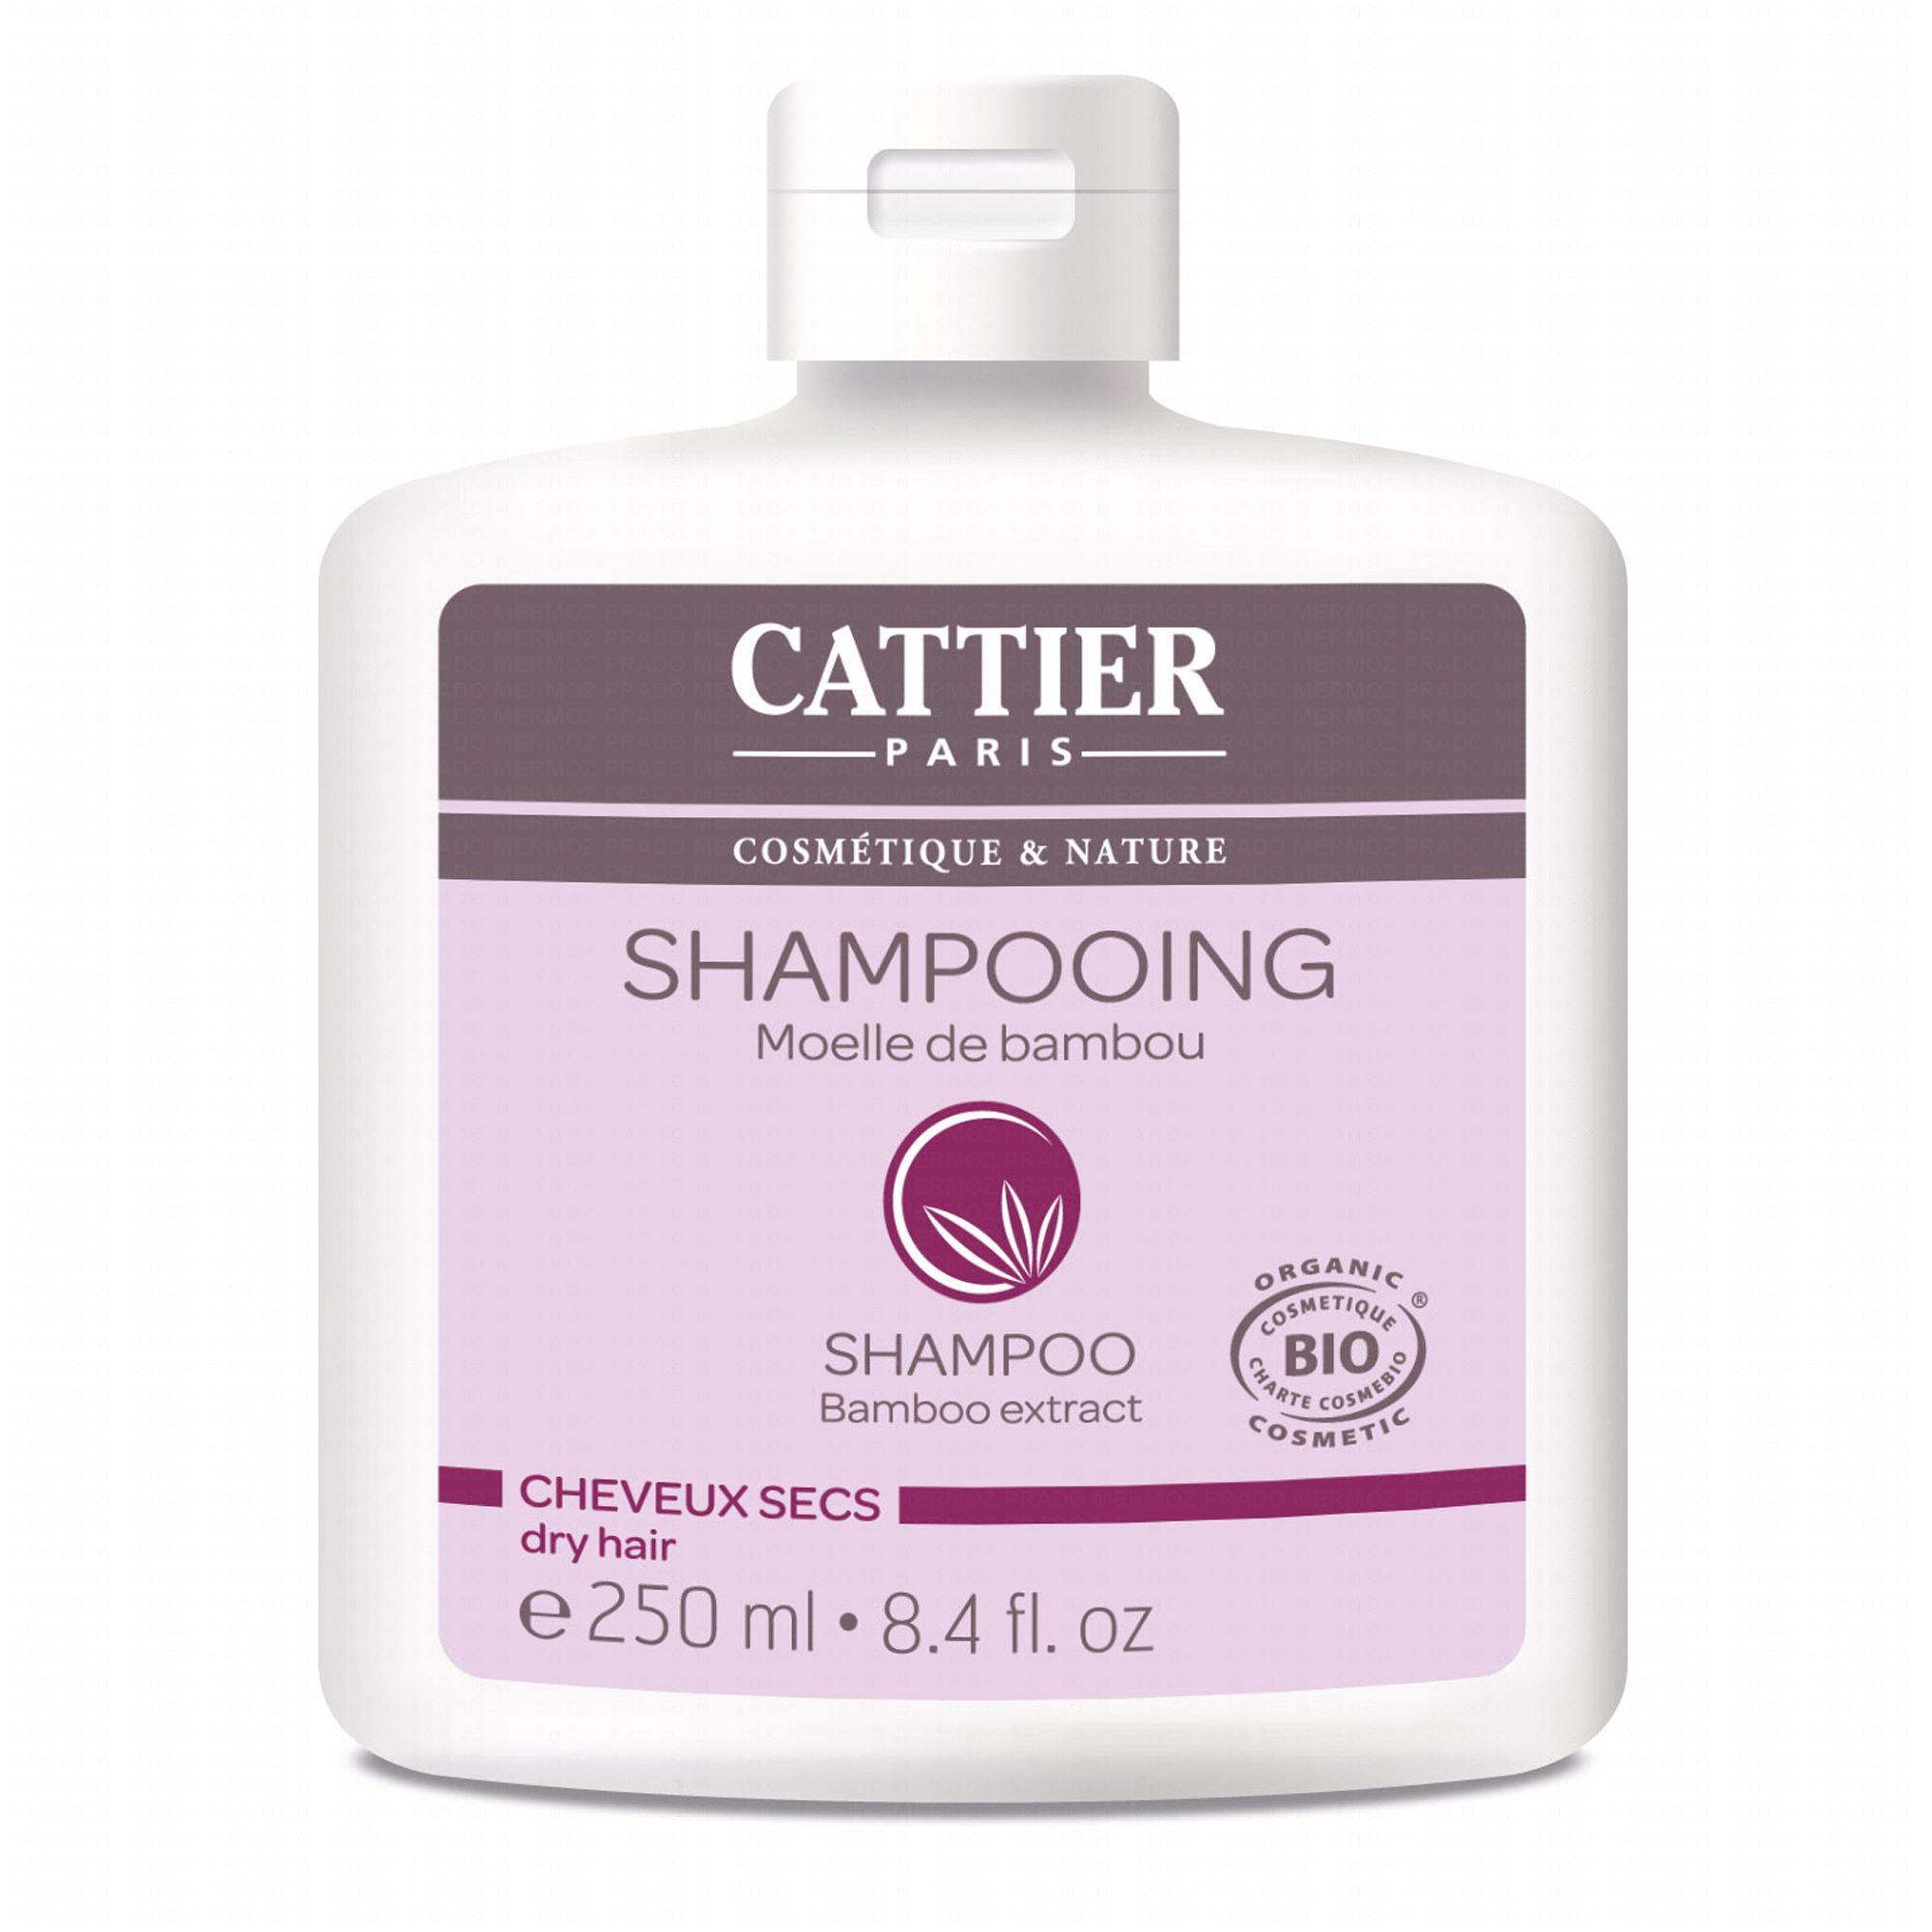 cattier shampooing bio moelle de bambou cheveux secs - Shampoing Bio Cheveux Colors